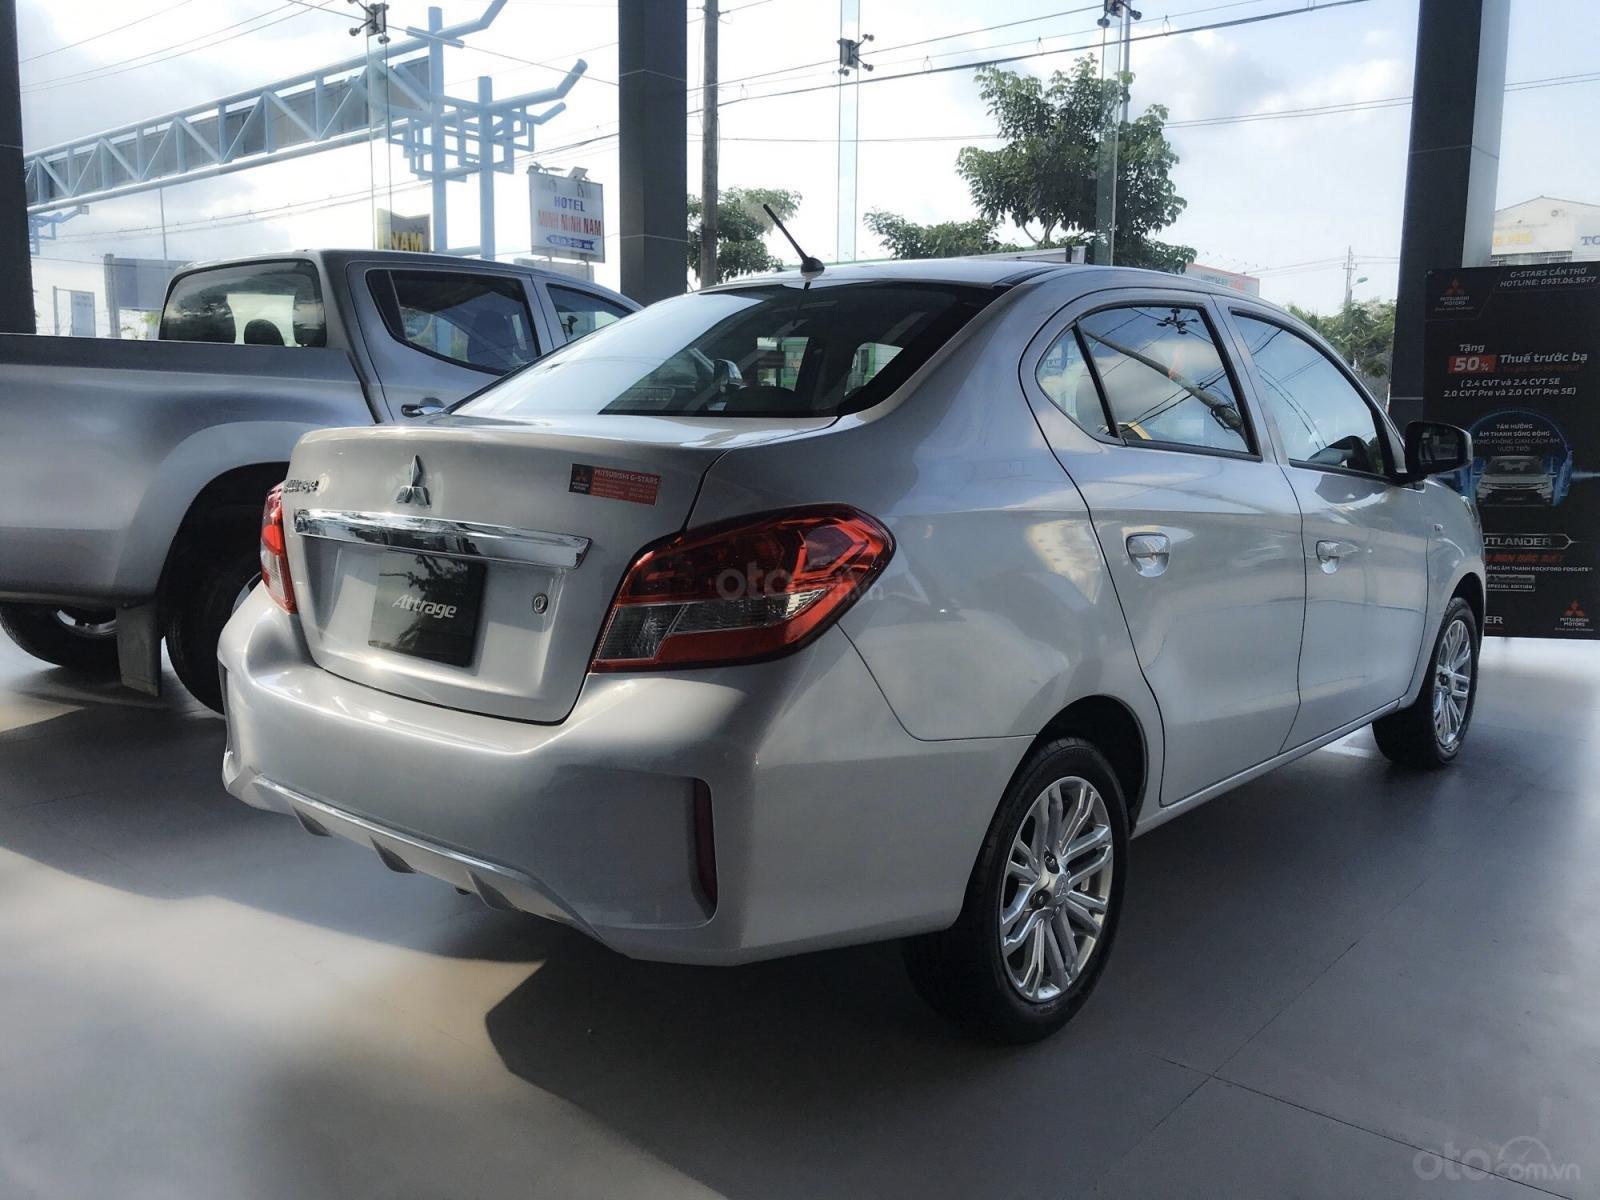 Trả trước 118 triệu nhận ngay xe Mitsubishi Attrage nhập khẩu (2)